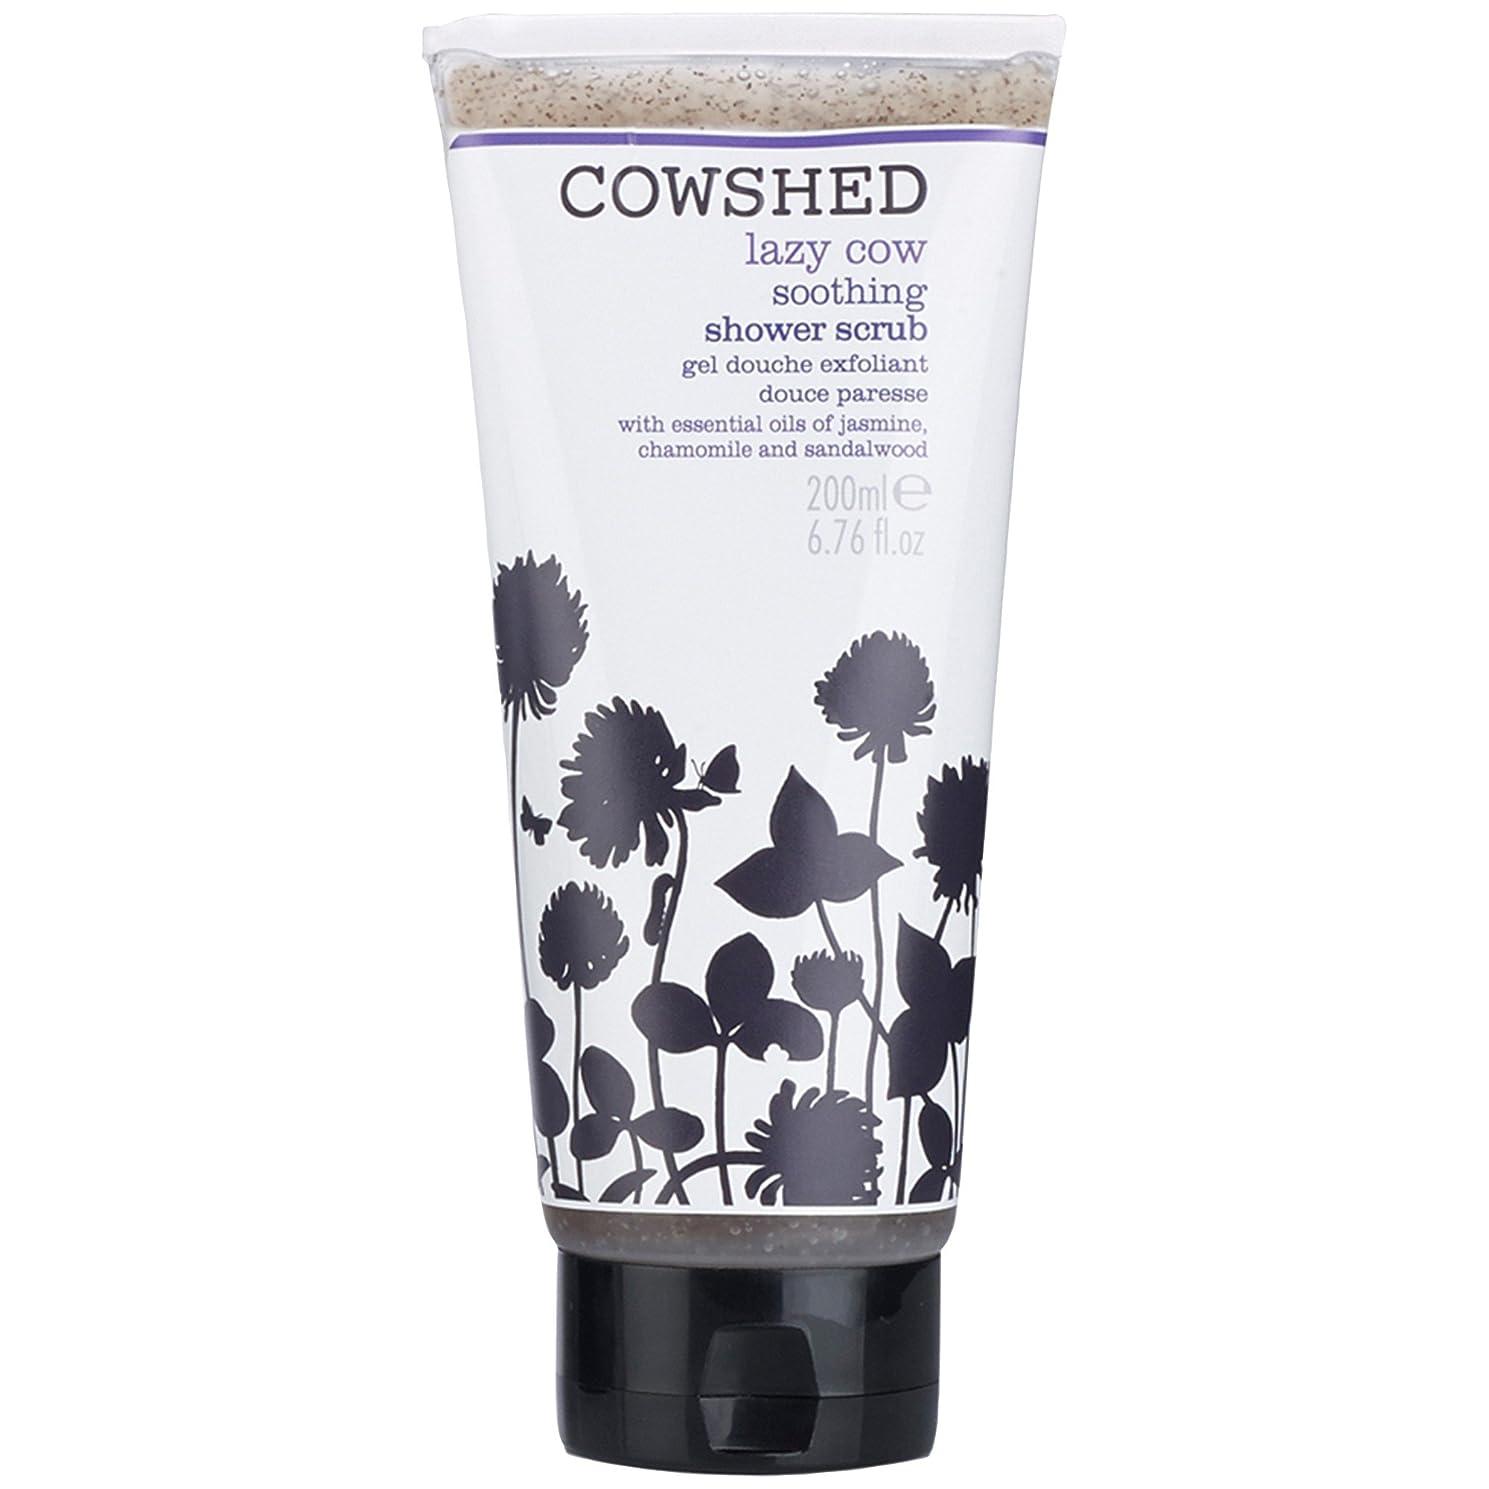 談話ありがたいはっきりとシャワースクラブ200ミリリットルをなだめる牛舎怠惰な牛 (Cowshed) (x2) - Cowshed Lazy Cow Soothing Shower Scrub 200ml (Pack of 2) [並行輸入品]